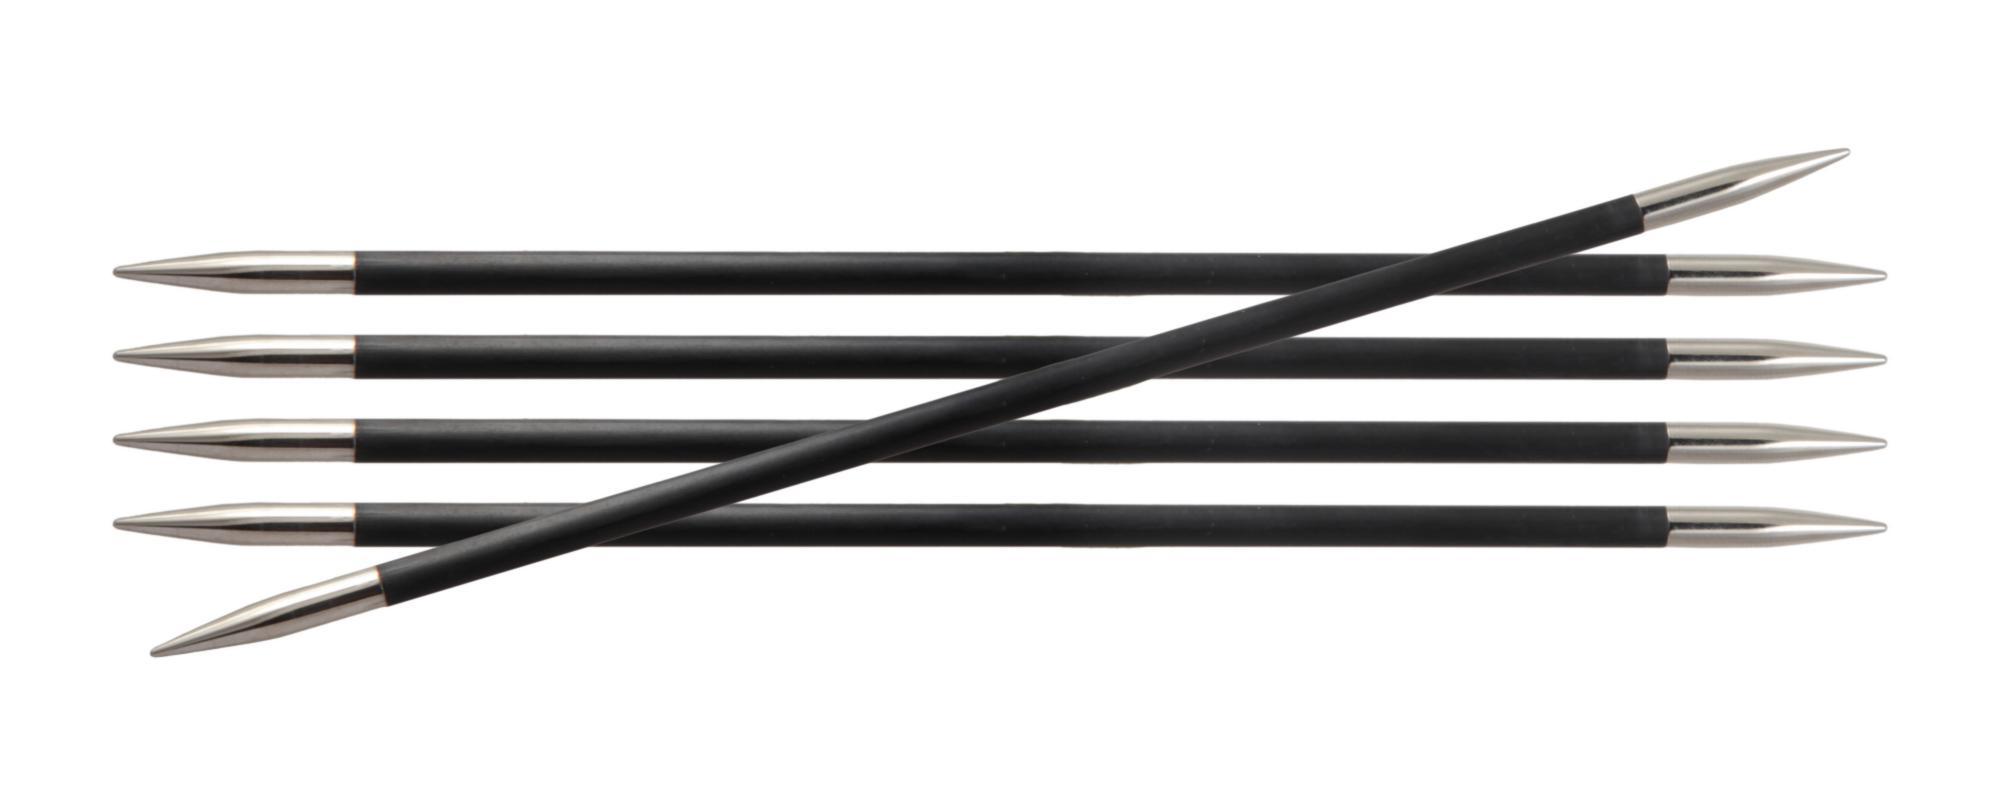 Спицы носочные 15 см Karbonz KnitPro, 41105, 2.00 мм